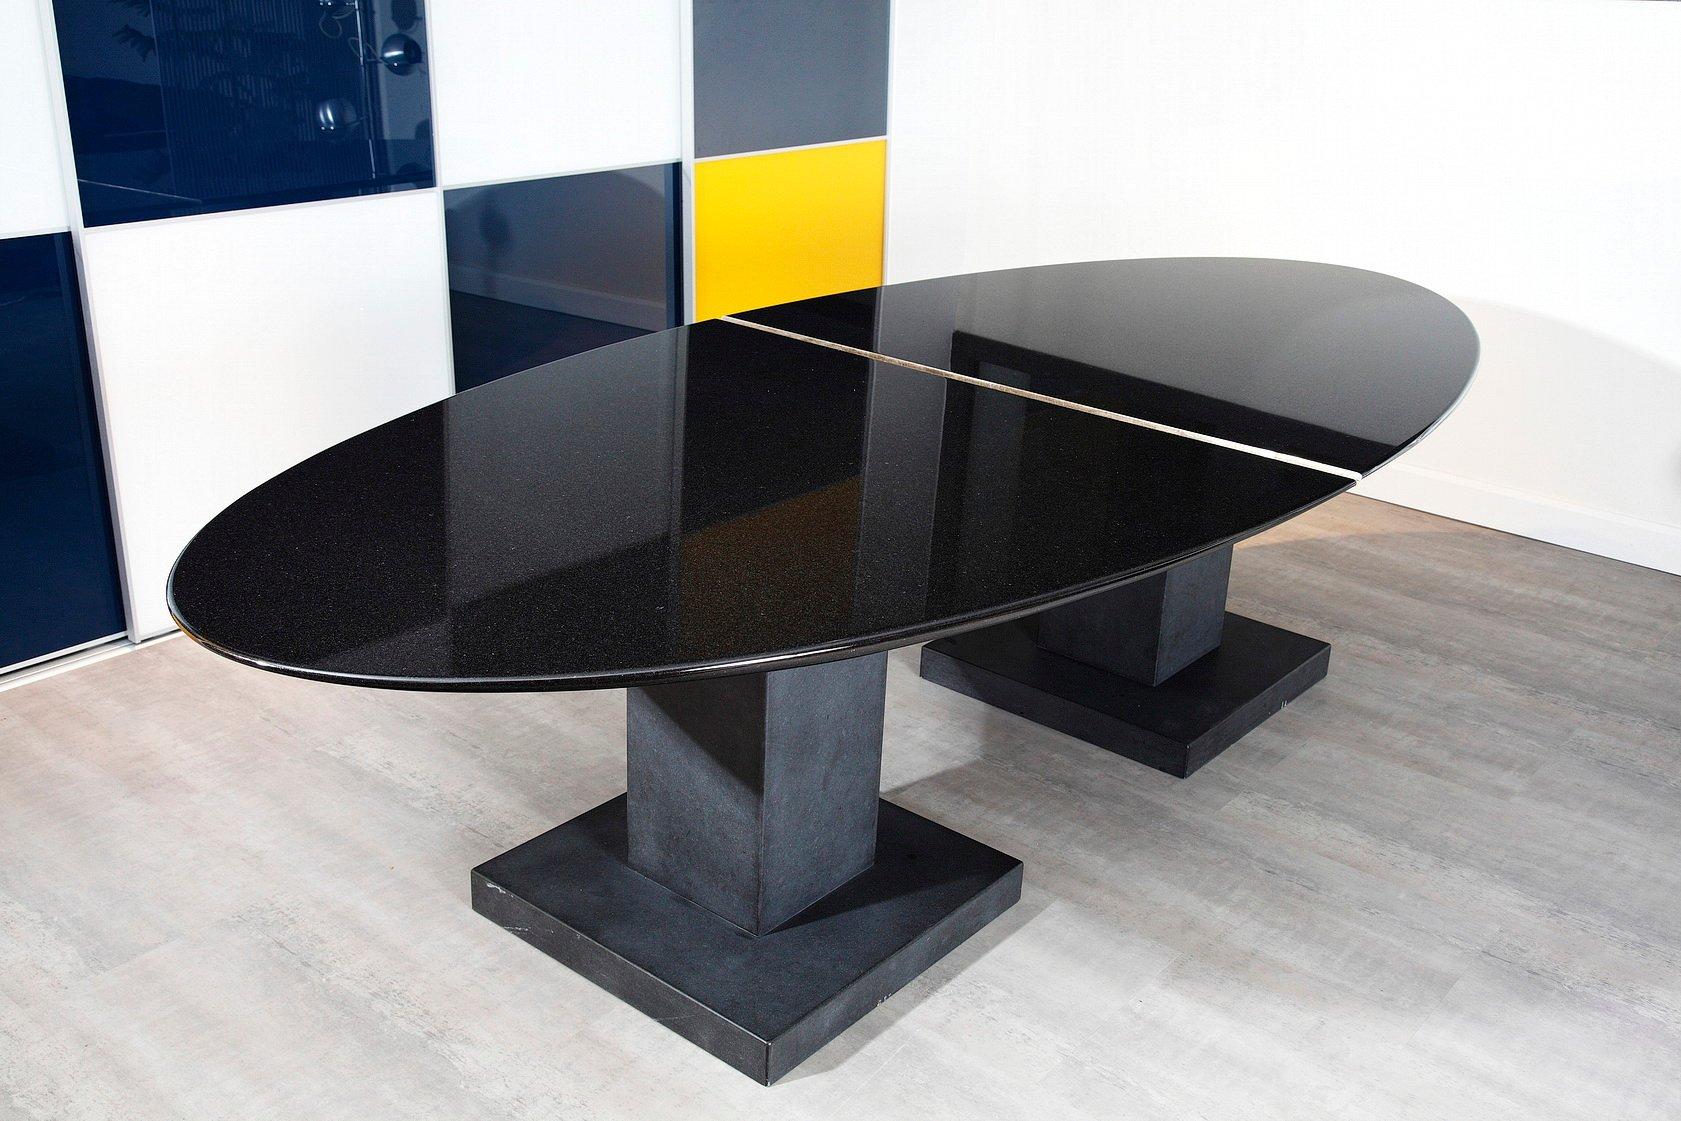 schwarzer granit esstisch von michael prentice bei pamono kaufen, Esstisch ideennn